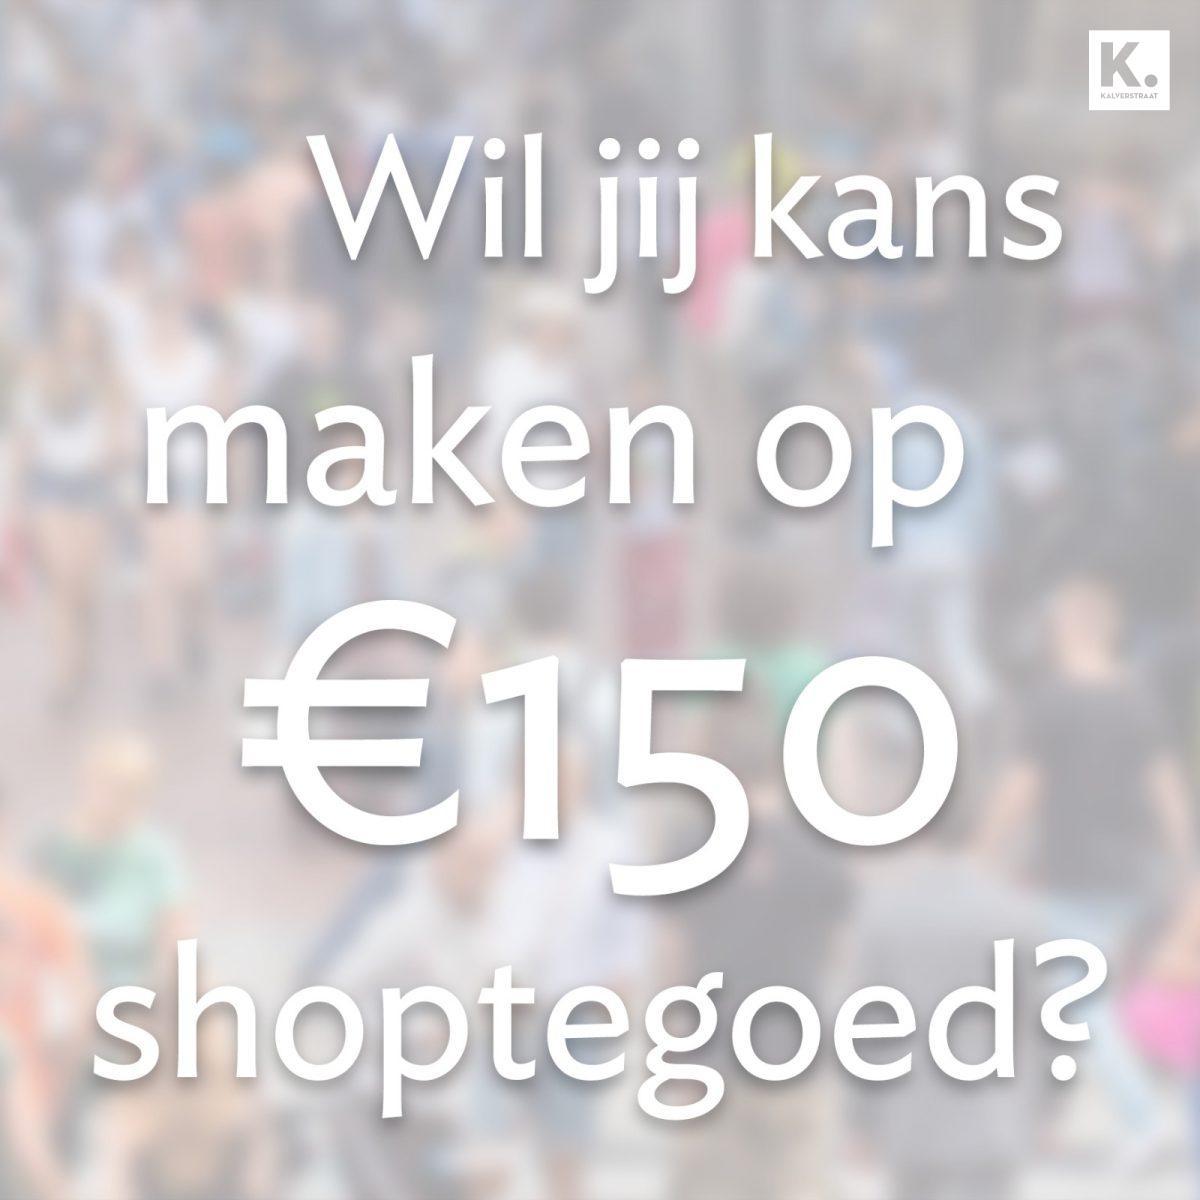 €150,- shoptegoed winnen?